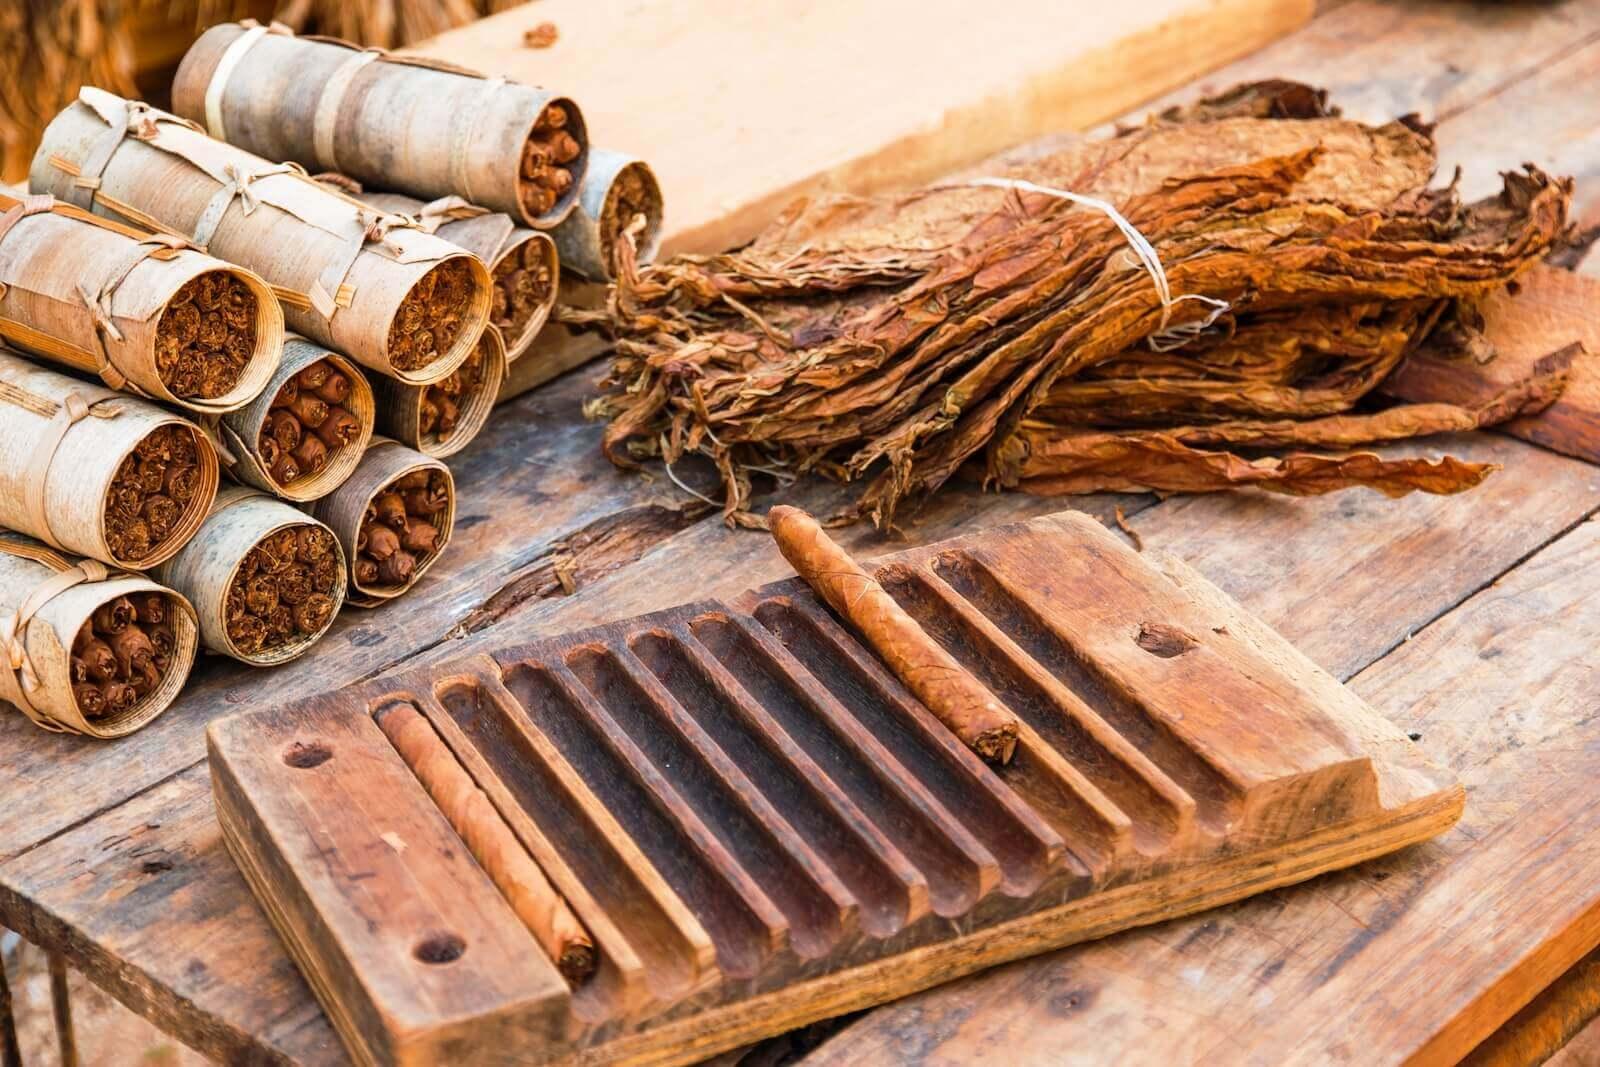 Tabacos de Cuba, Agencia de viajes CubaNeo Travel